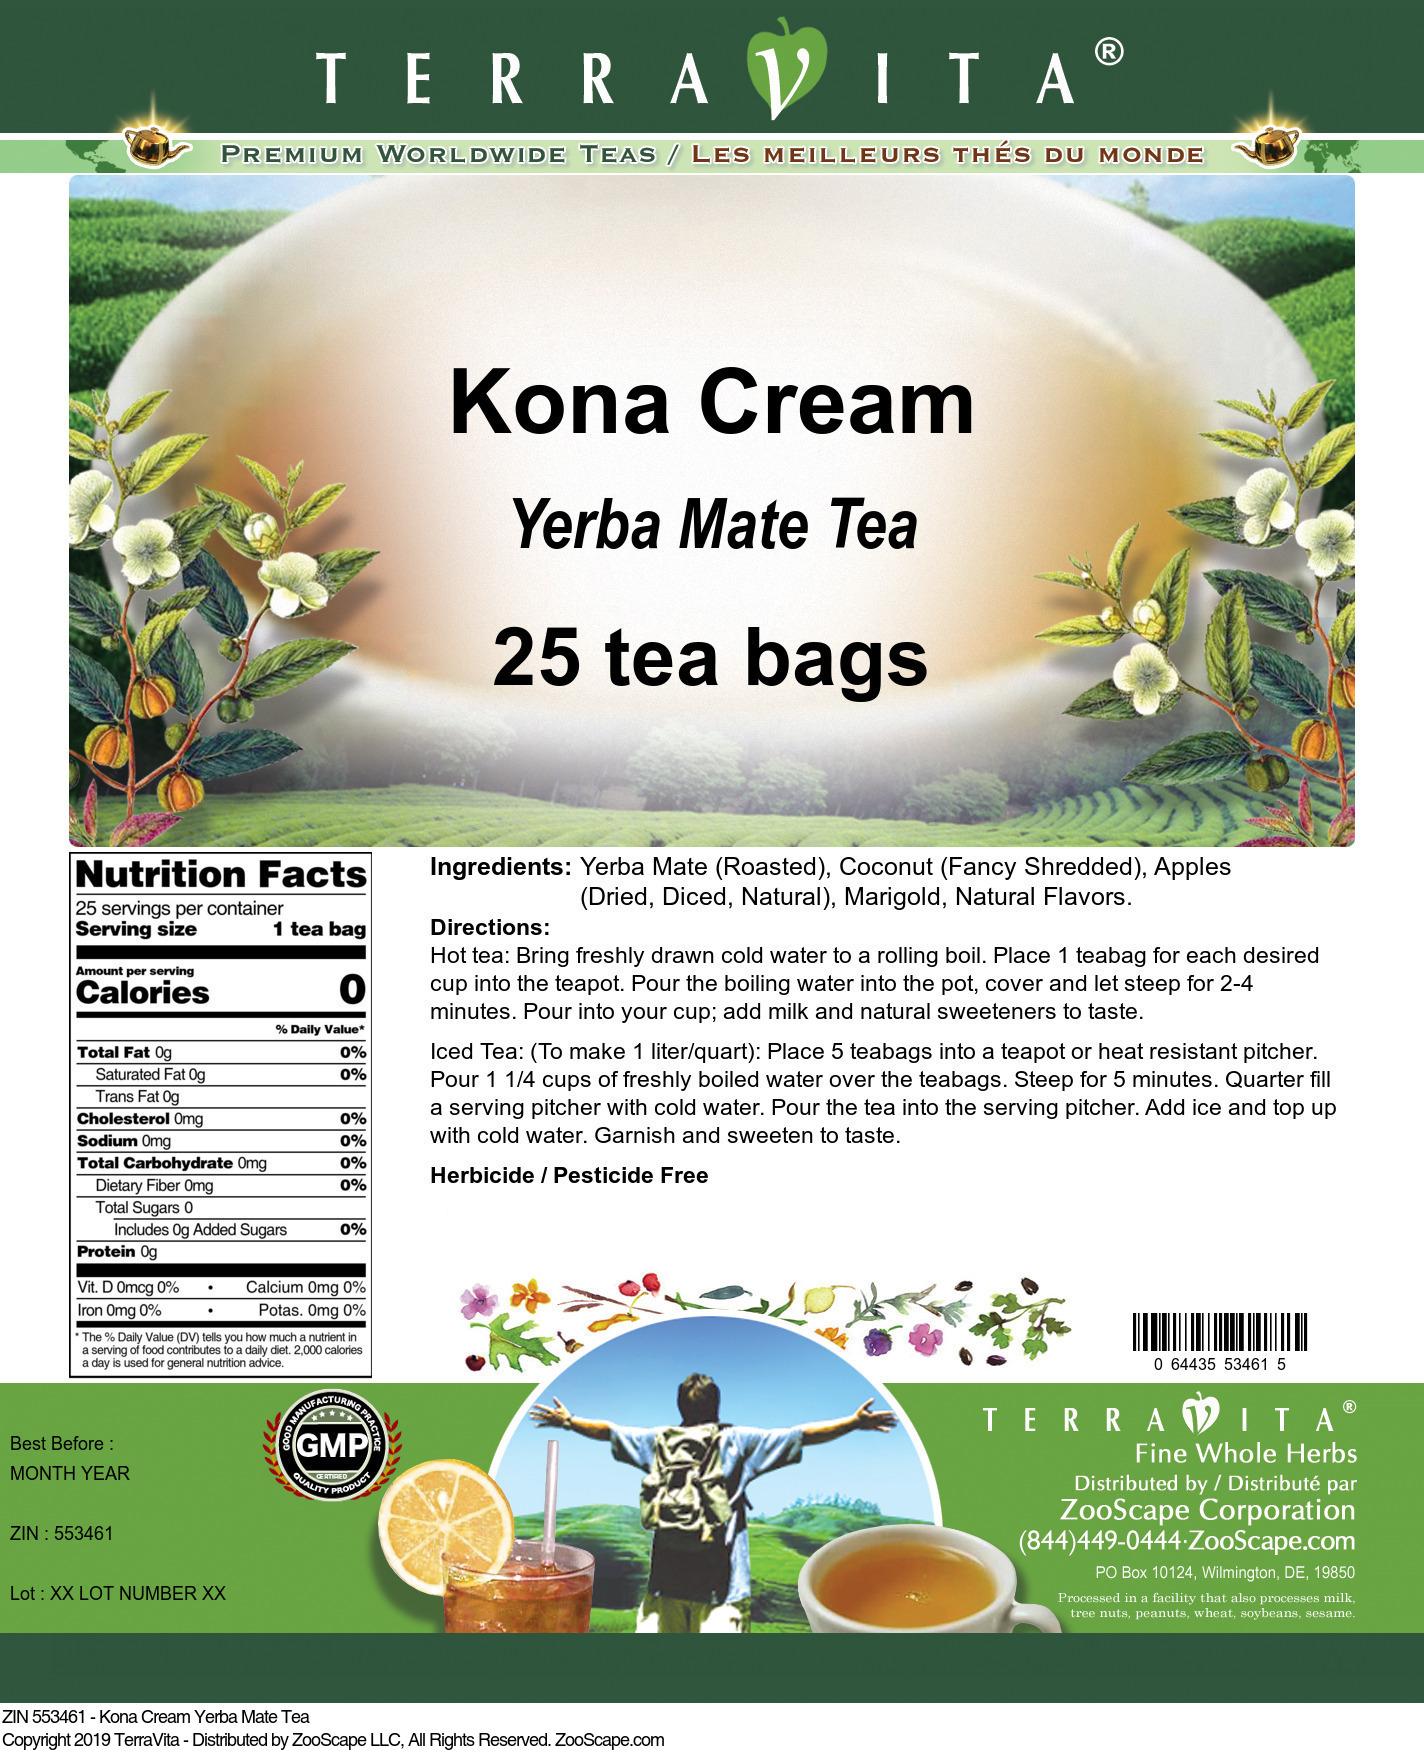 Kona Cream Yerba Mate Tea